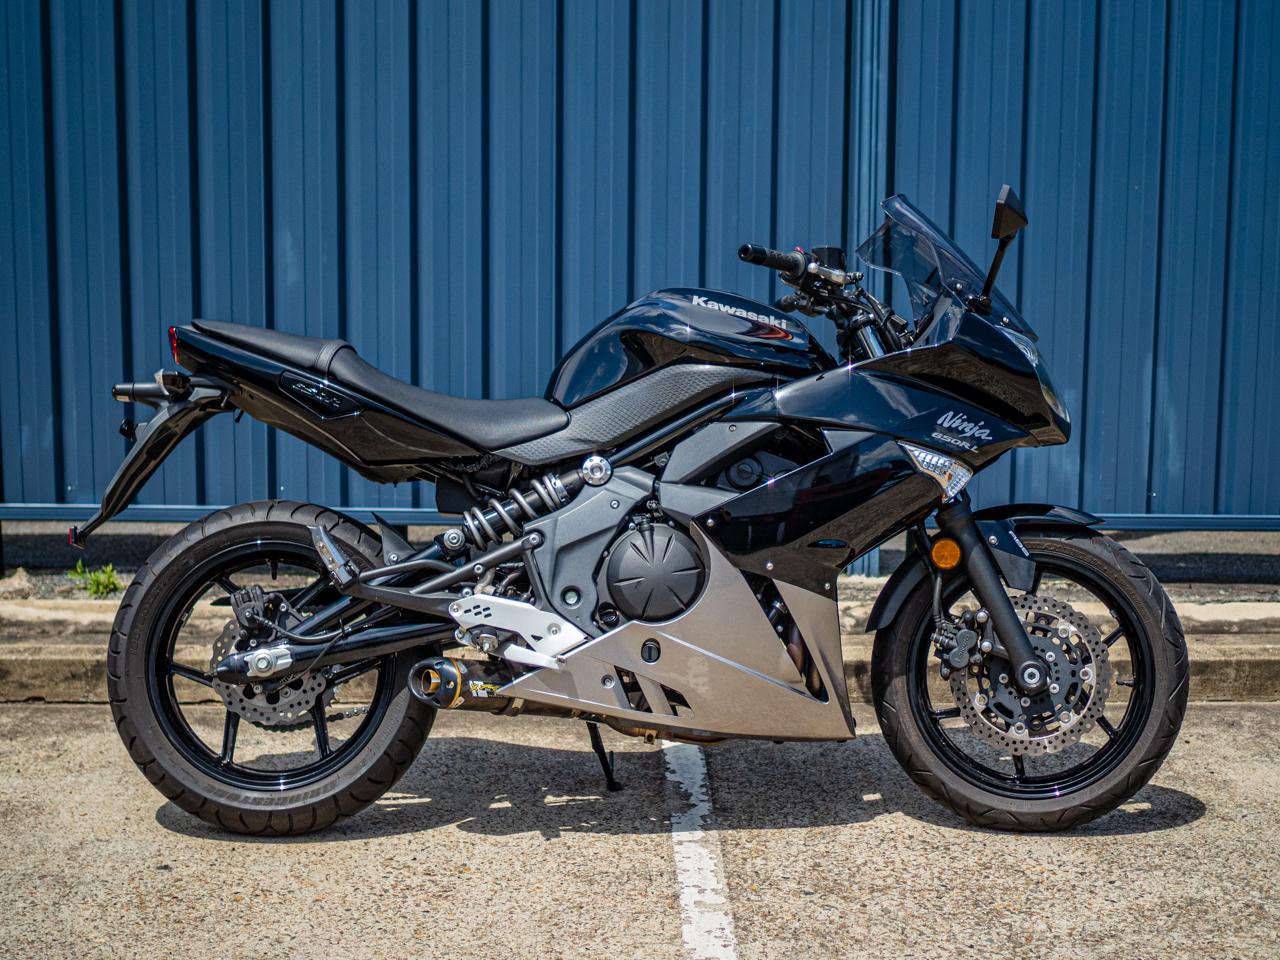 2011 KAWASAKI NINJA 650RL LAMS IN BLACK | Motorcycles